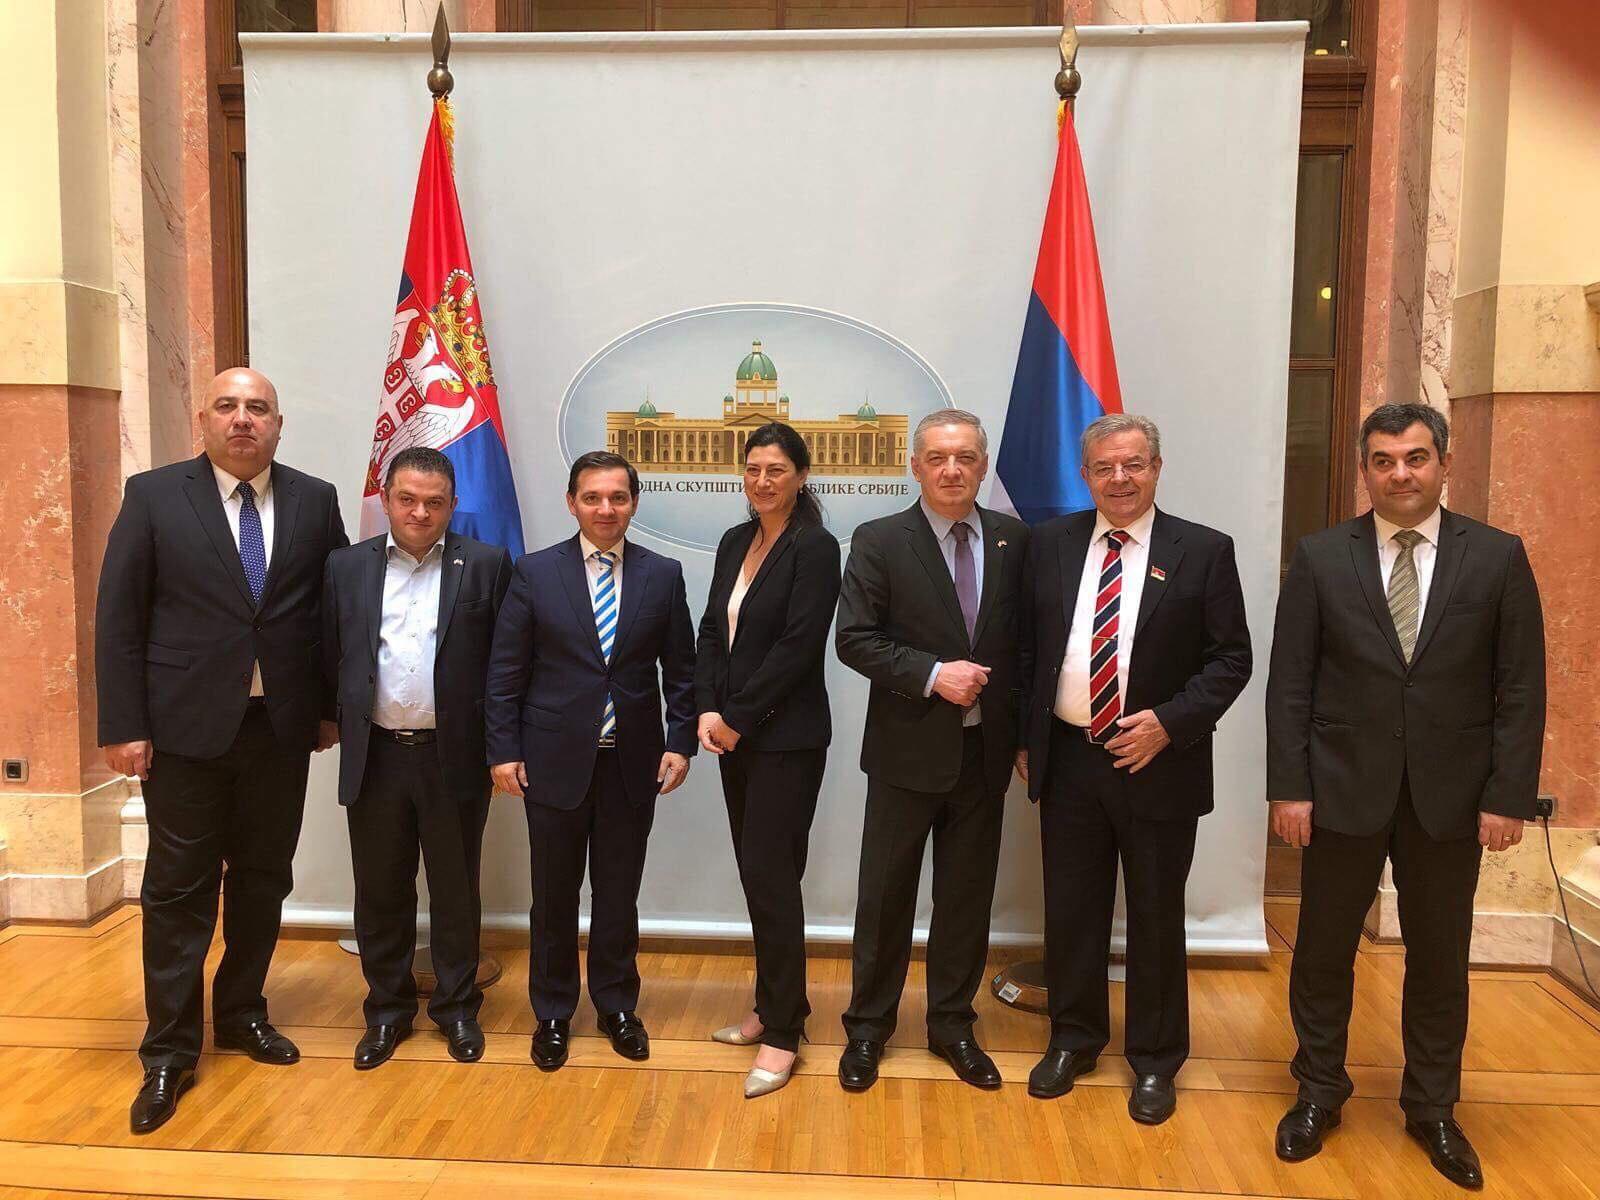 საპარლამენტო თანამშრომლობა მაქსიმალურად შეუწყობს ხელს სერბეთ-საქართველოს შორის პოლიტიკურ და ეკონომიკურ კავშირებს - სოფიო ქაცარავა